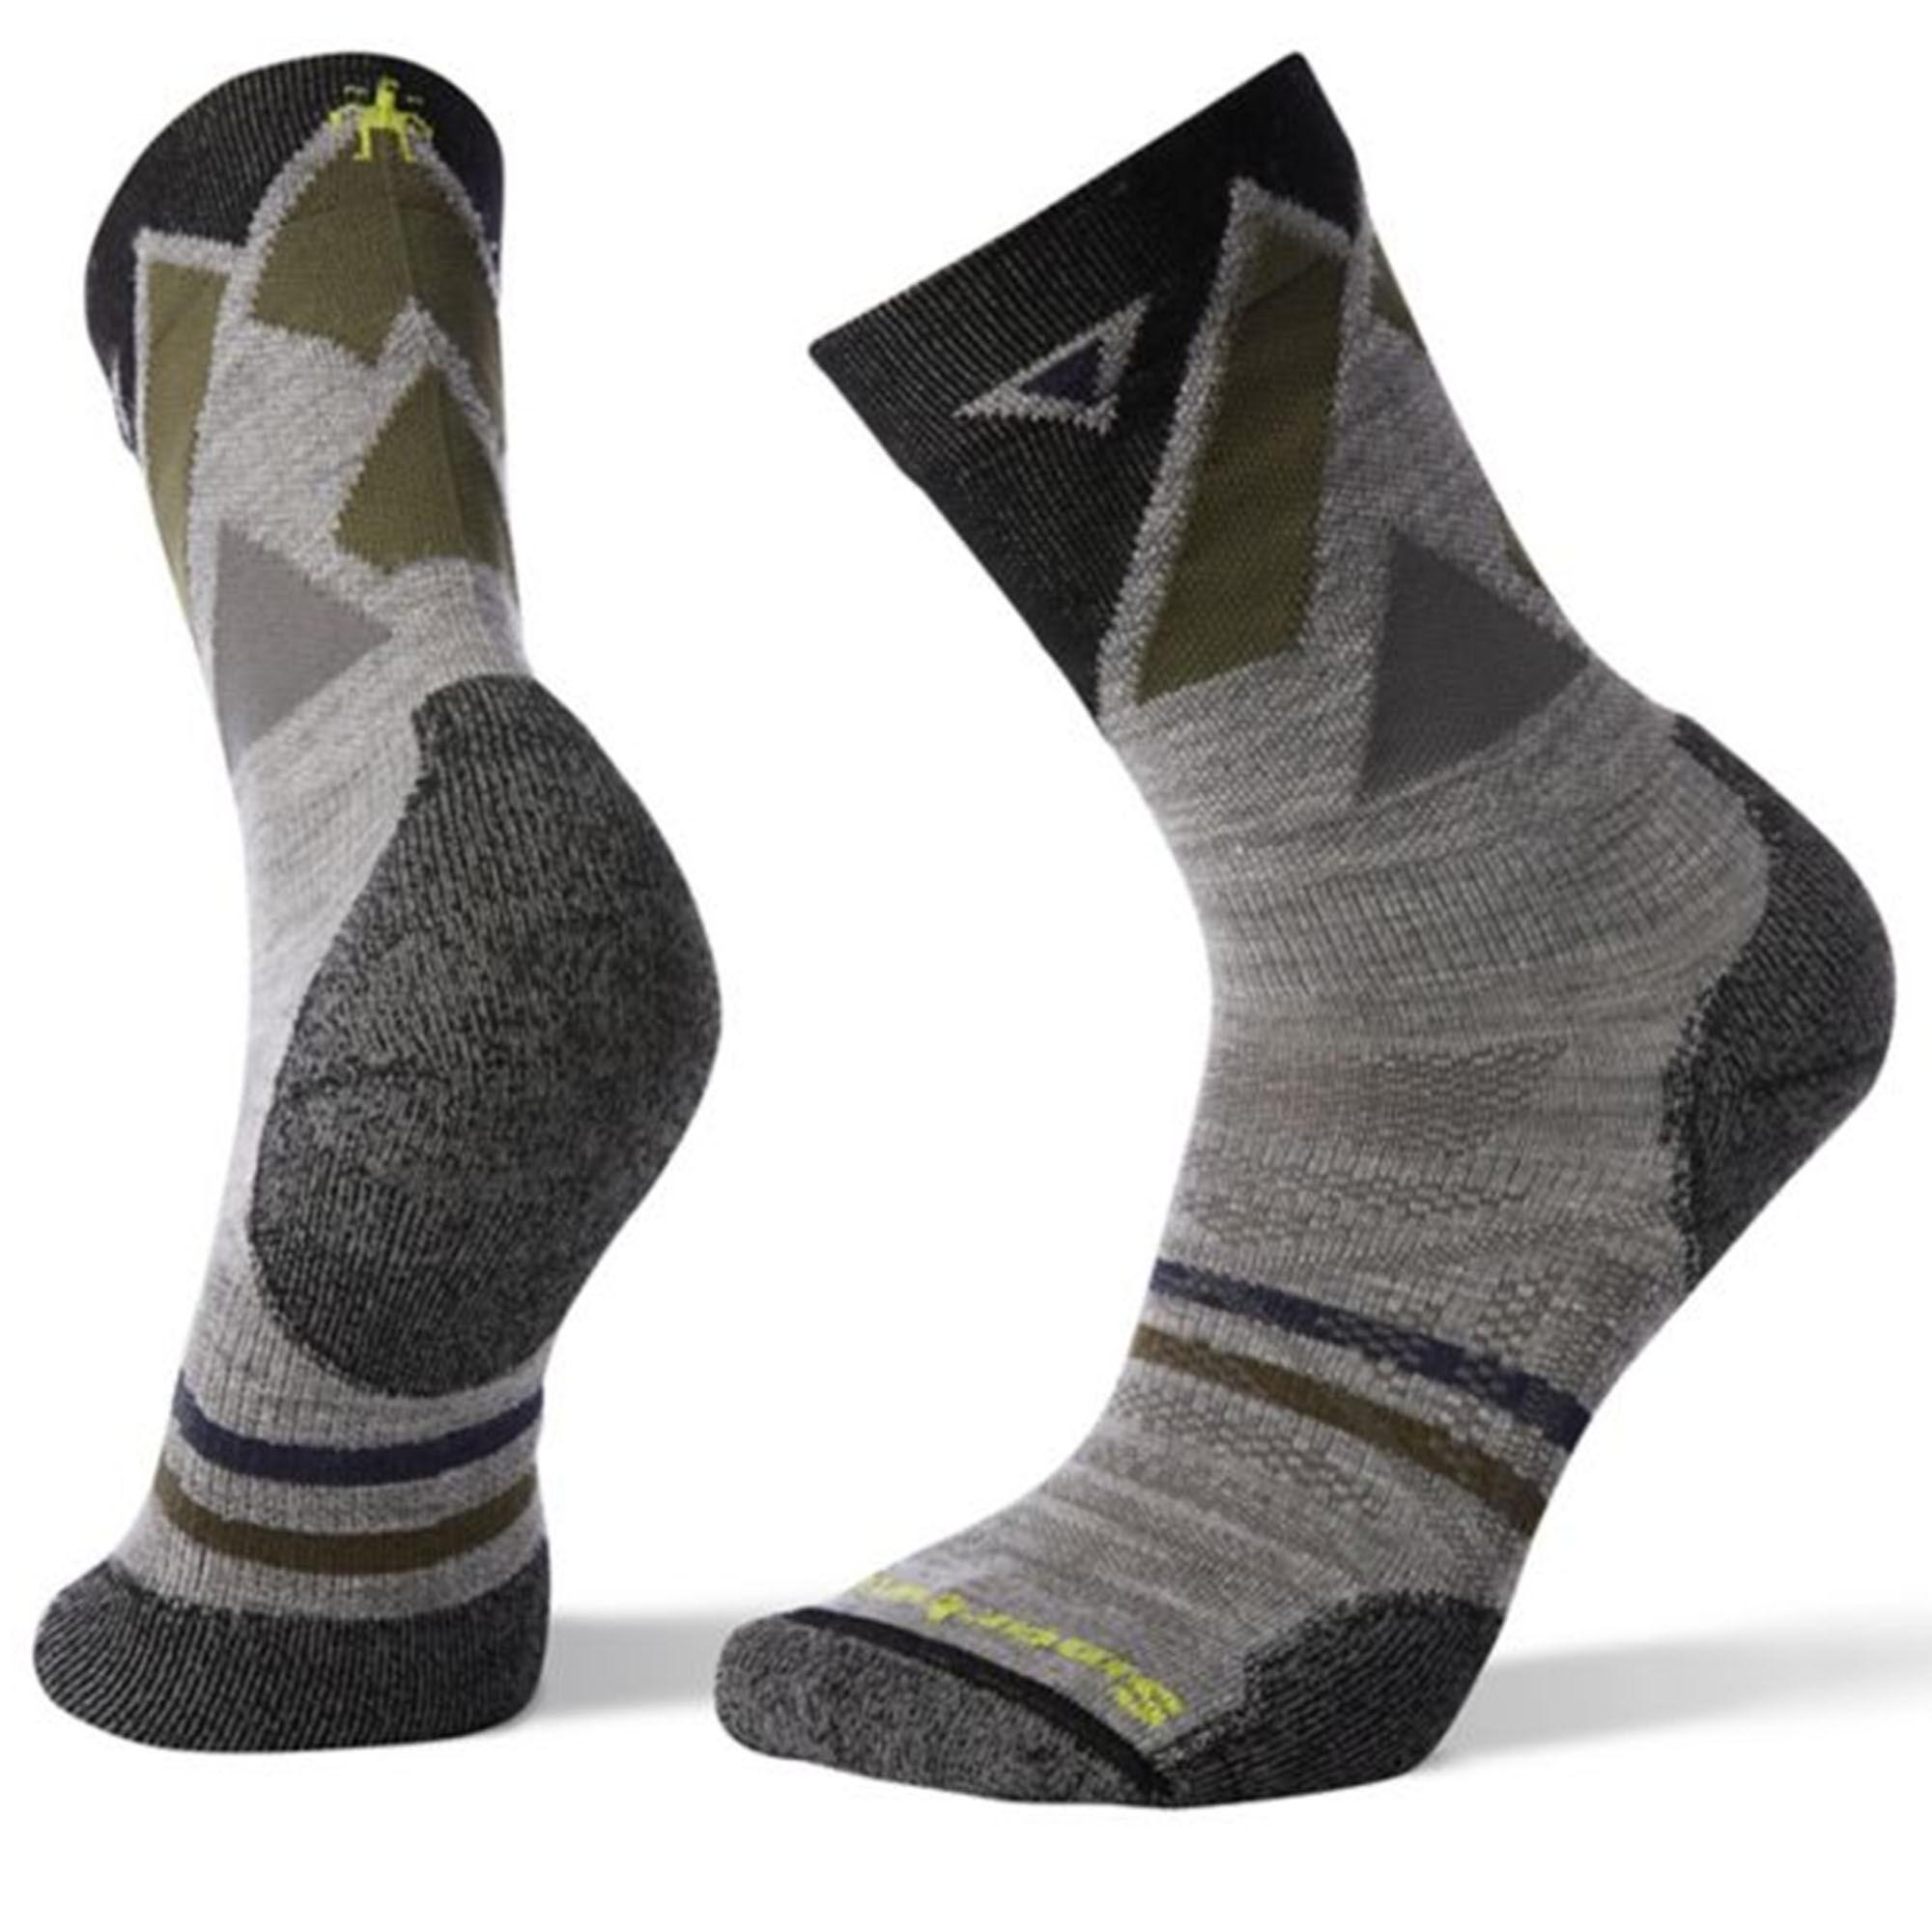 Smartwool Men's Outdoor Light Pattern Crew Socks  - Light Gray - Size: Medium